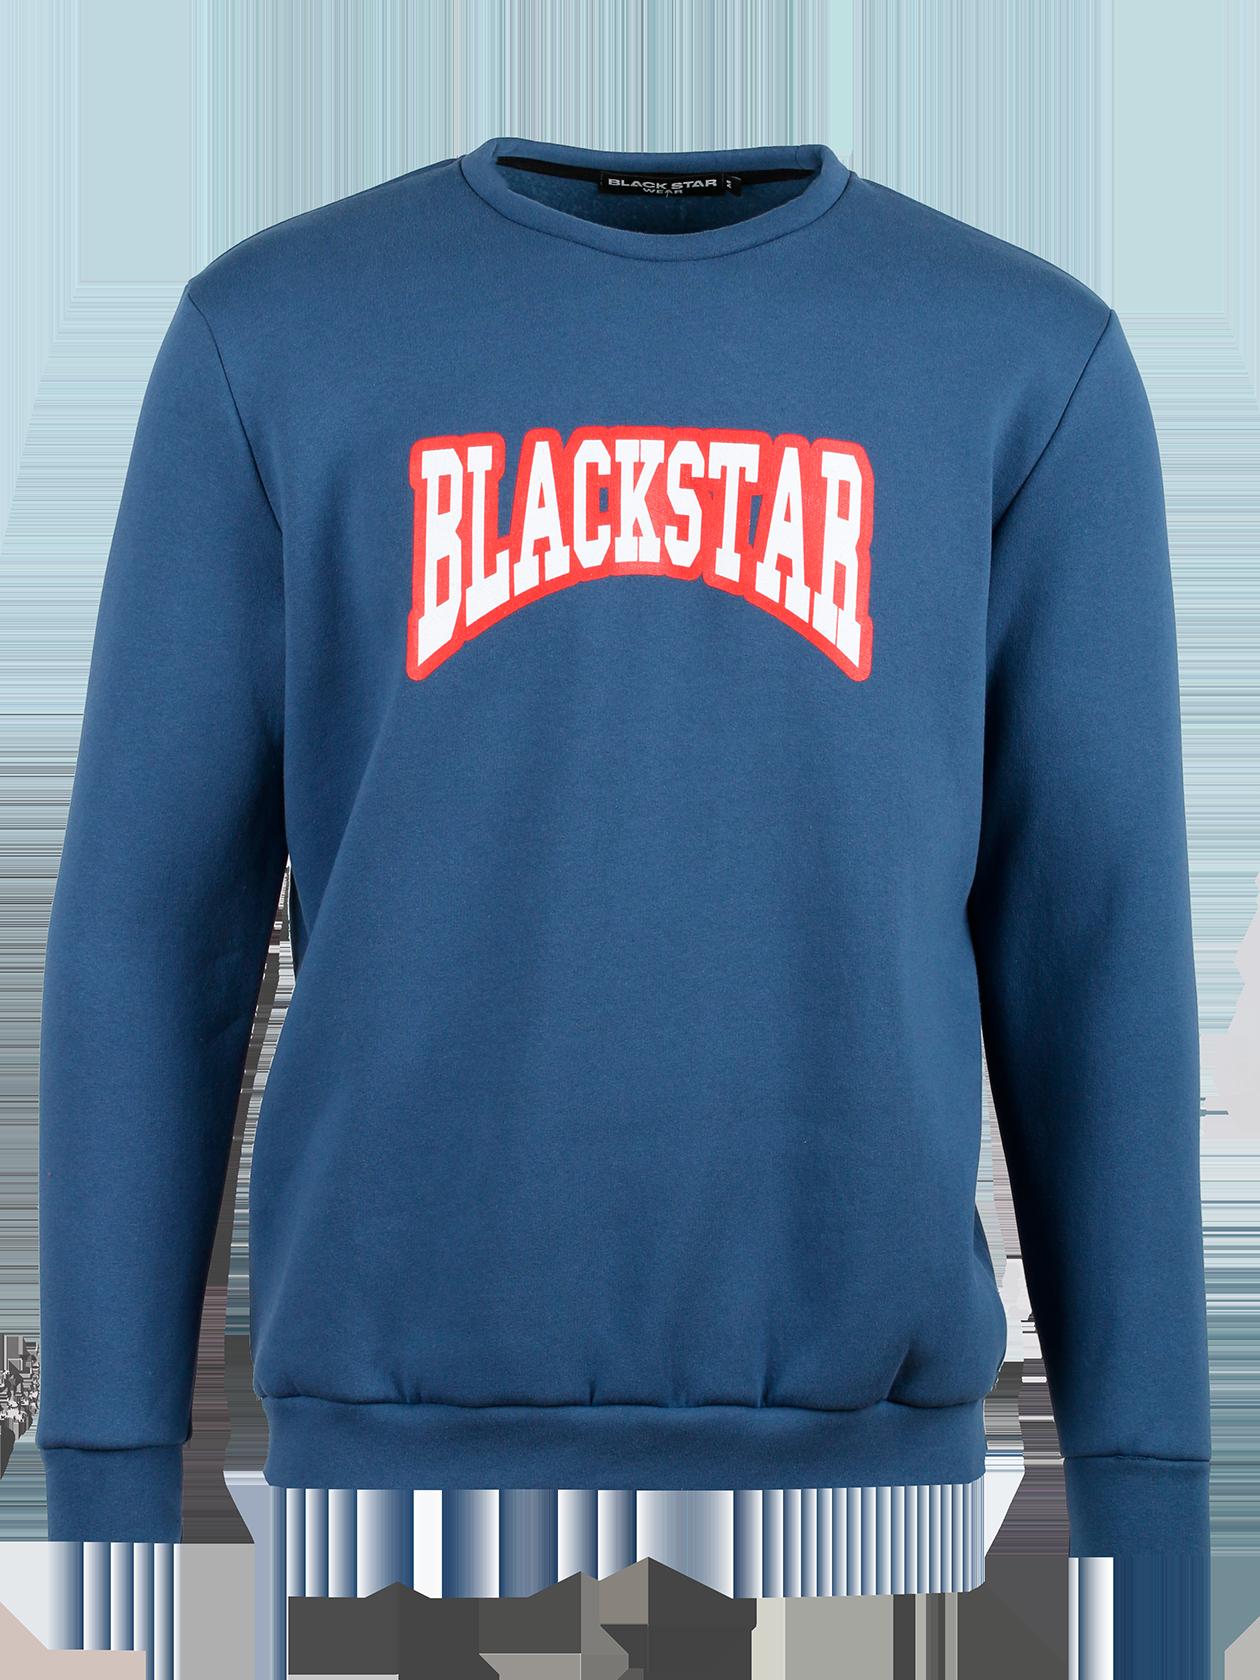 Толстовка унисекс CollageТолстовка унисекс из коллекции Black Star Wear. Прямой крой, округлая горловина, манжеты и нижний край не эластичные. Большой контрастный принт Blackstar на груди. Материал изделия: бленд натурального хлопка. Модель доступна в синем и красном цвете.<br><br>Размер: XS<br>Цвет: Синий<br>Пол: Мужской